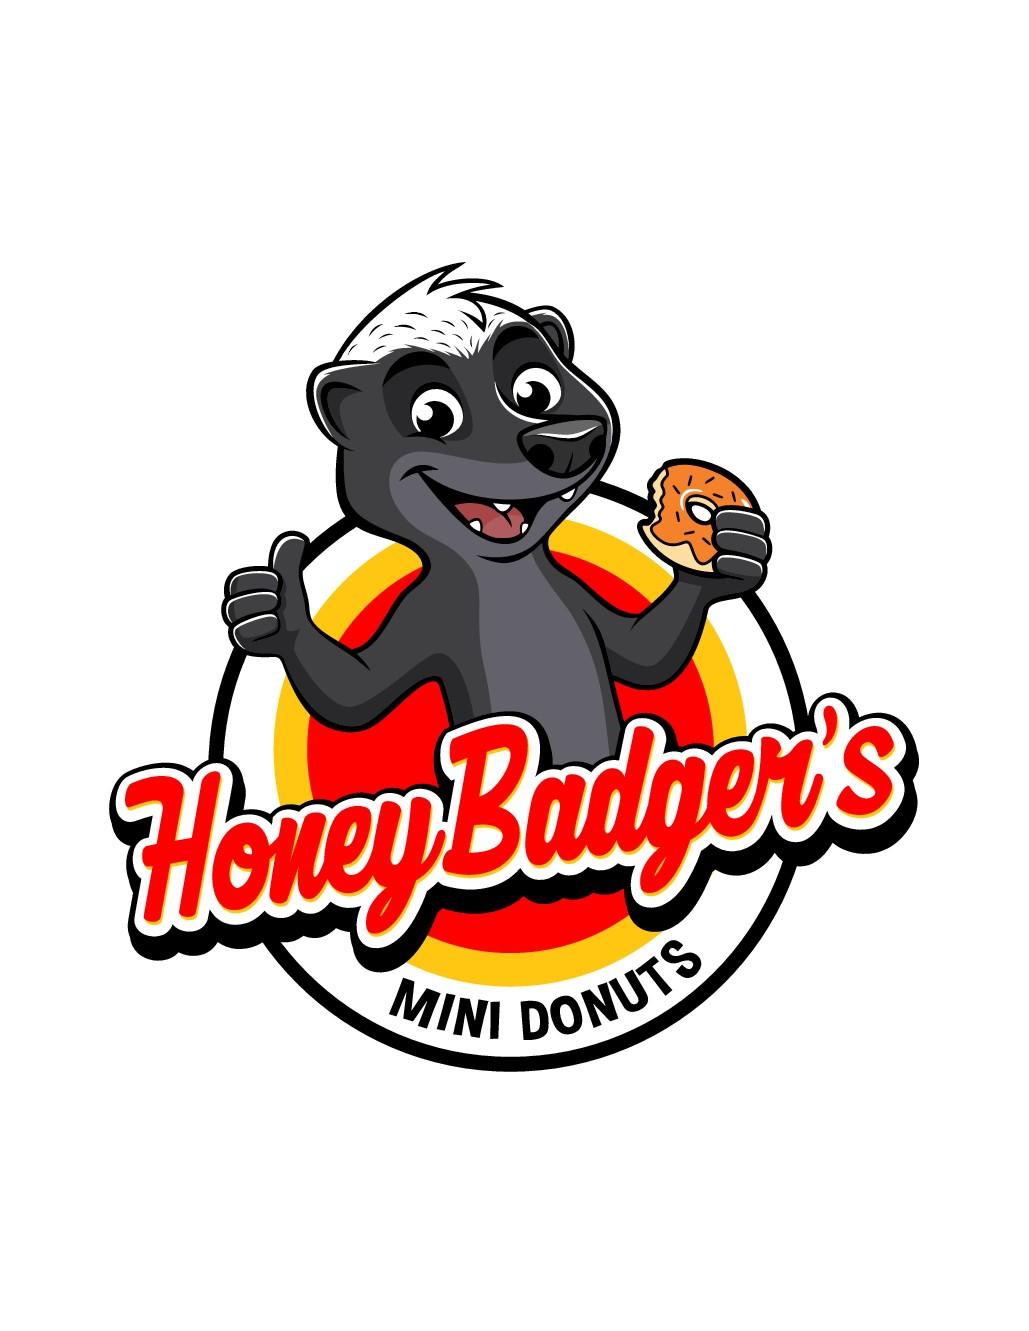 Create a Fun Logo to Sell Mini Donuts!